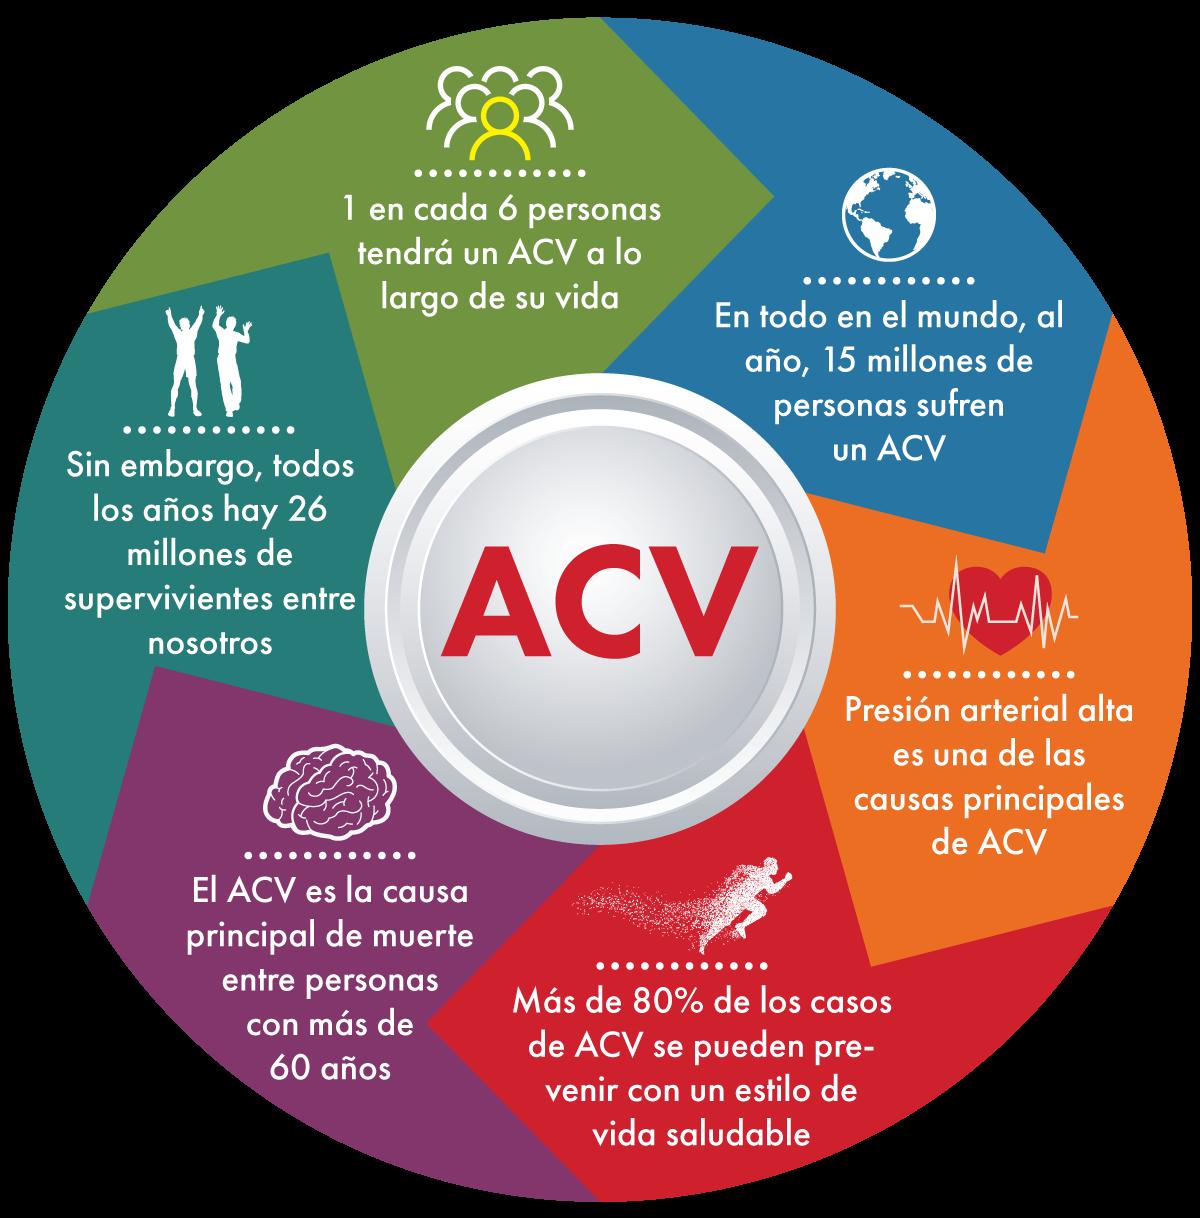 Hechos Y Cifras Sobre El Acv Ciencias De La Salud Consejos Para Redes Sociales Accidente Cerebrovascular